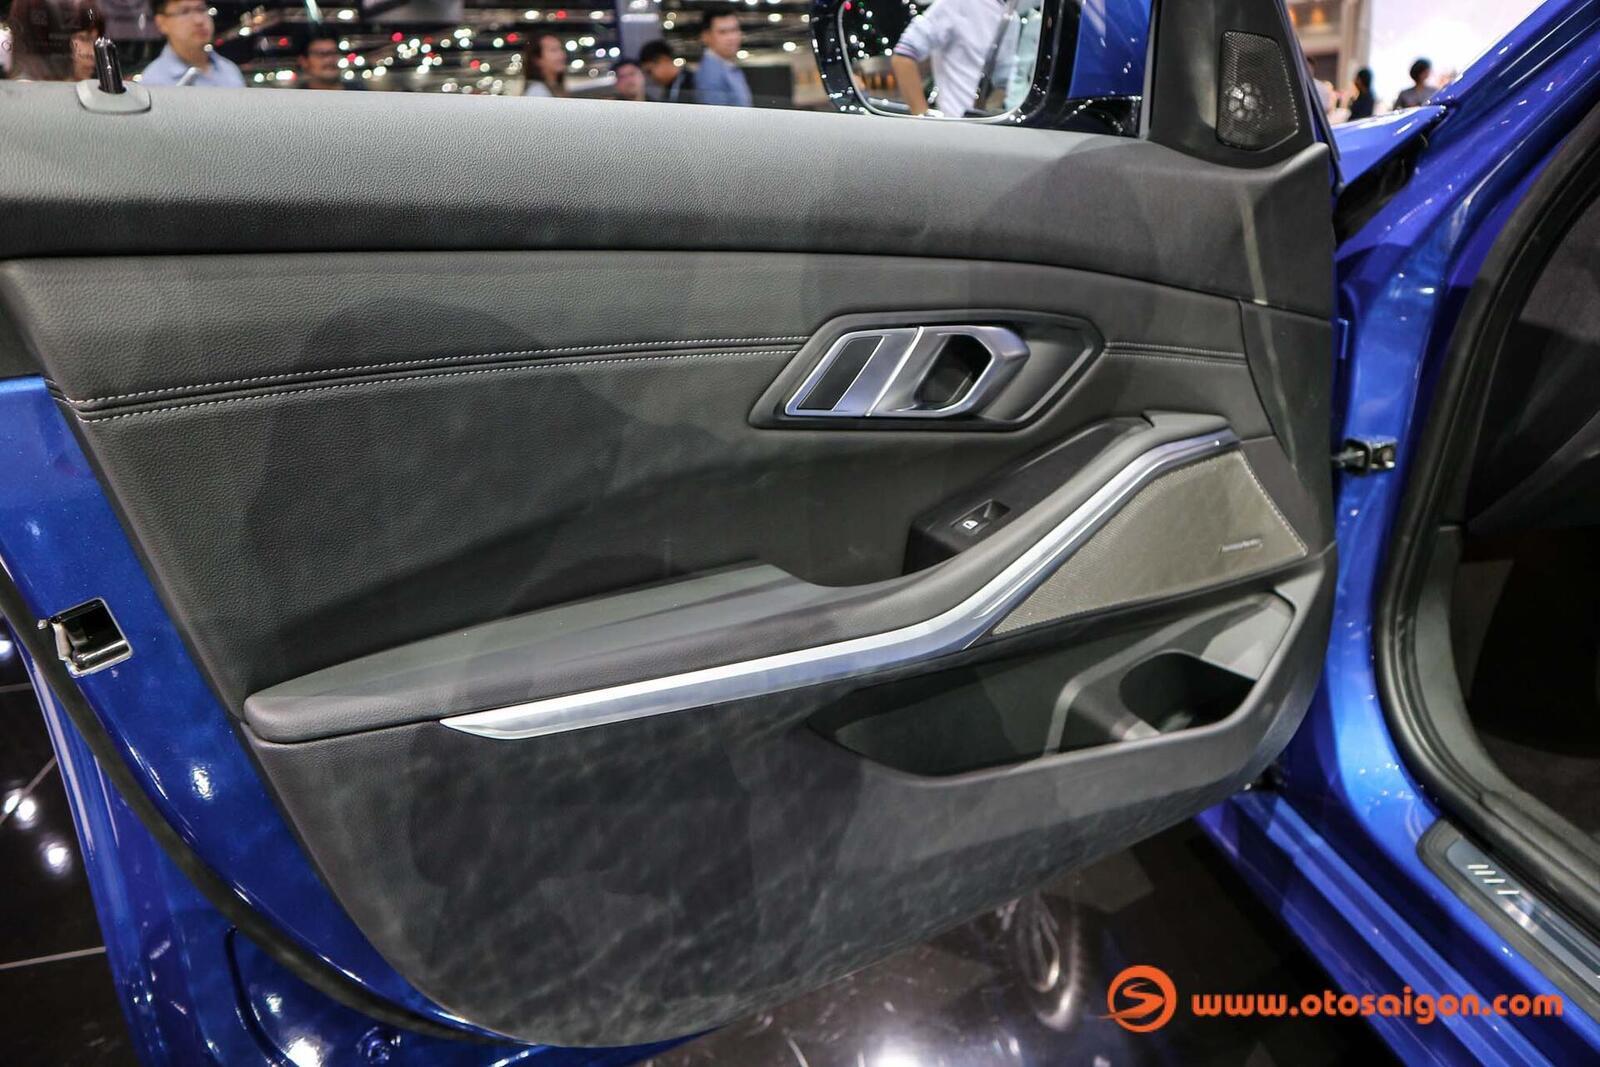 BMW 3 Series mới tại Thái Lan có giá bán từ 2,1 đến 2,4 tỷ đồng - Hình 28